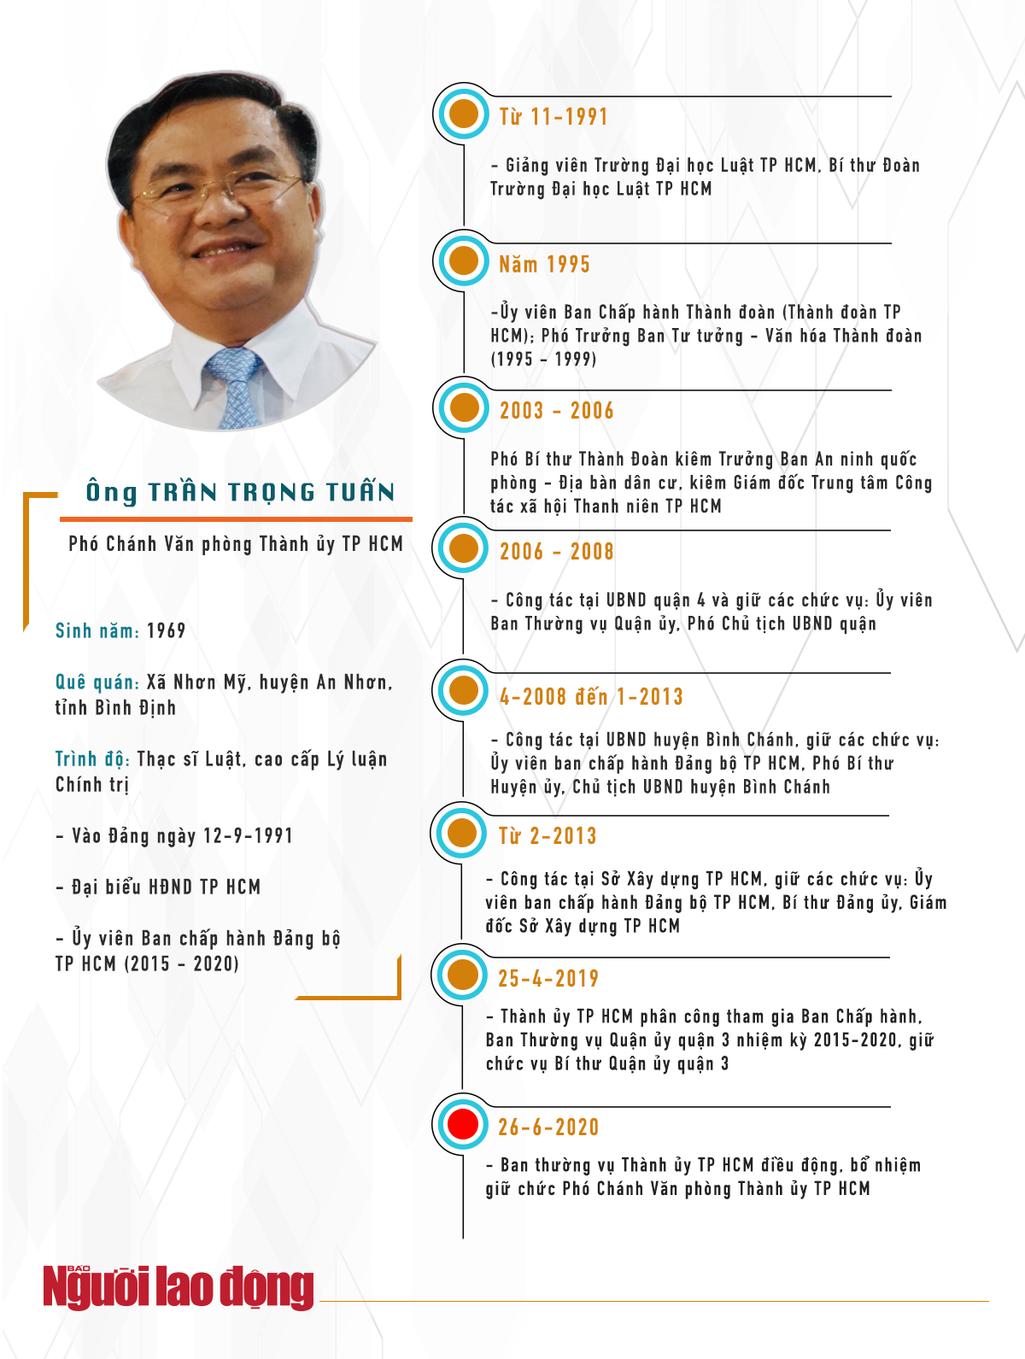 [Infographic] Quan lộ của ông Trần Vĩnh Tuyến và ông Trần Trọng Tuấn - Ảnh 2.